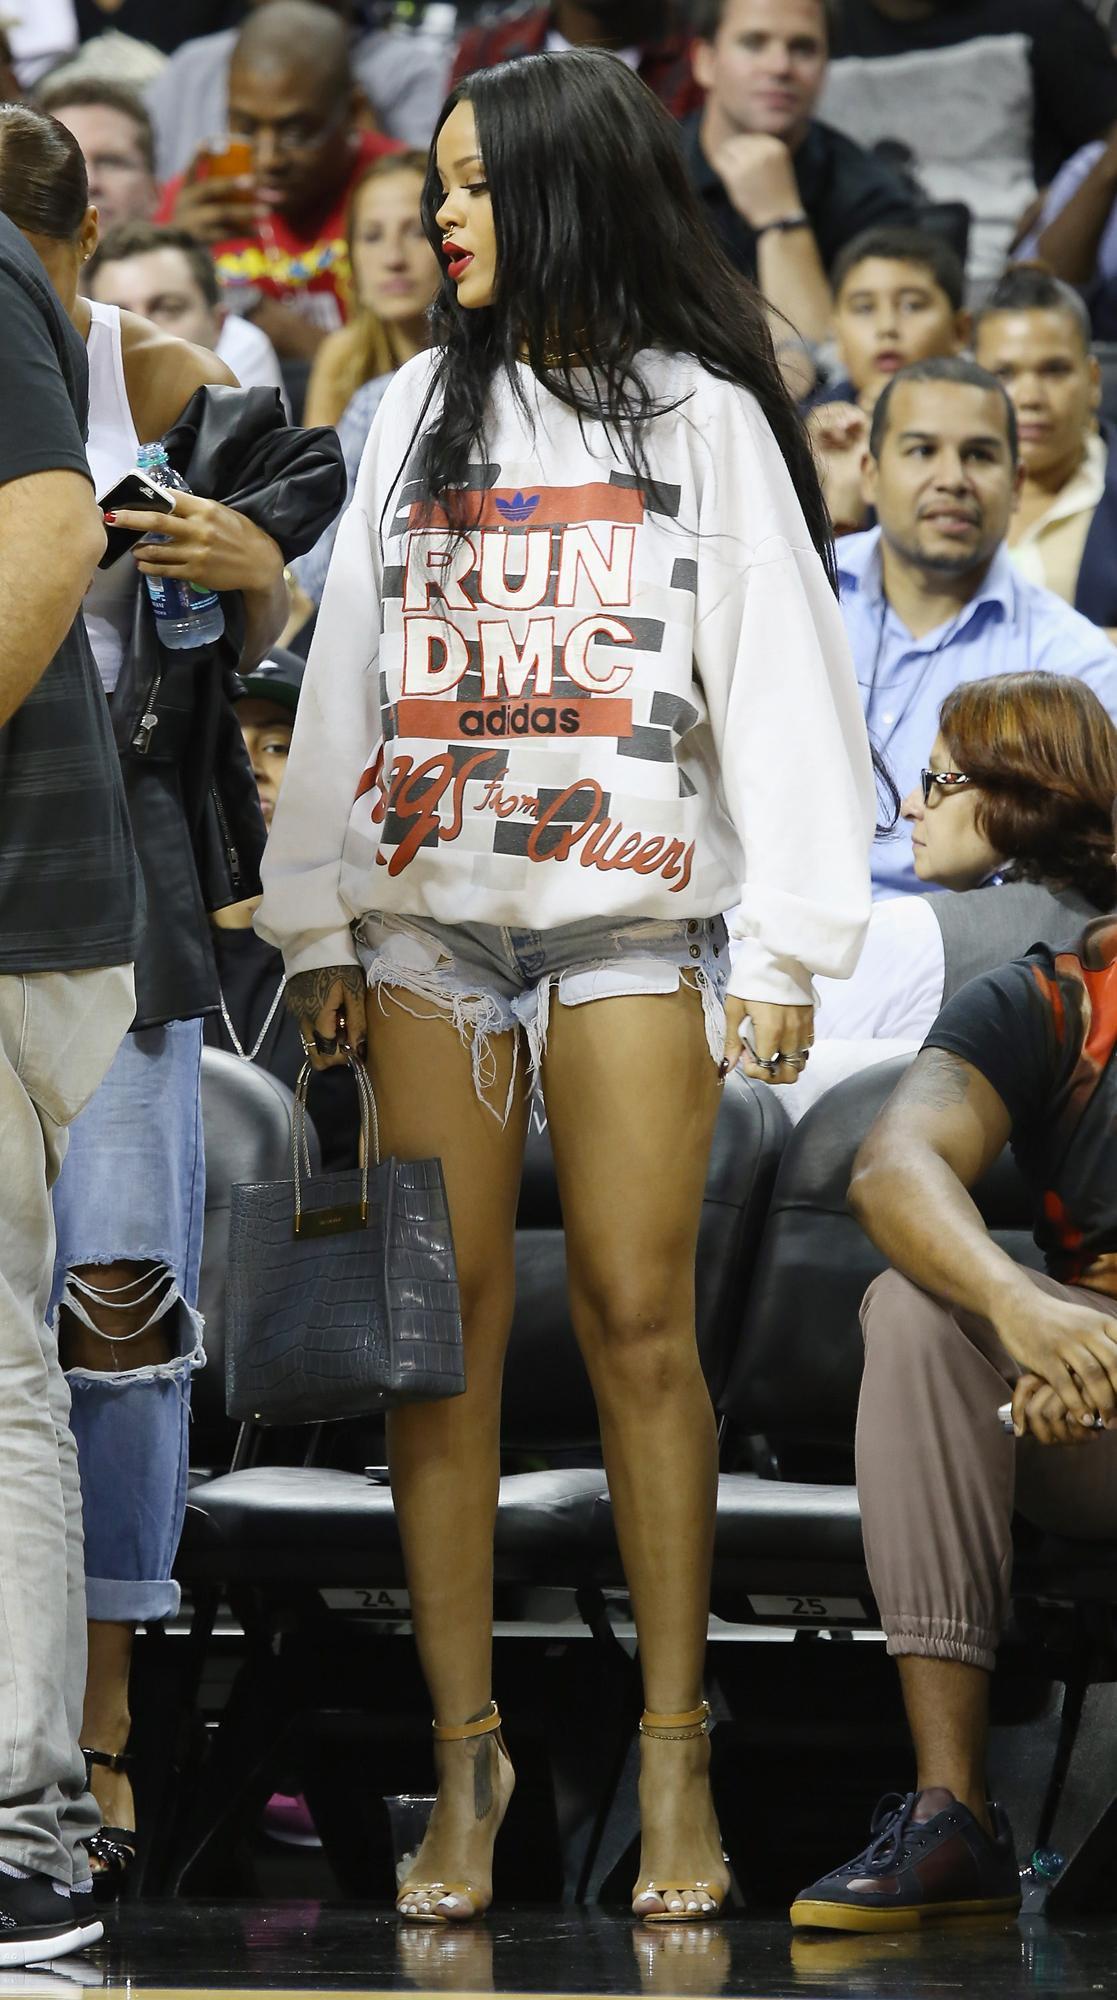 elle việt nam phong cách thời trang xem bóng rổ 5